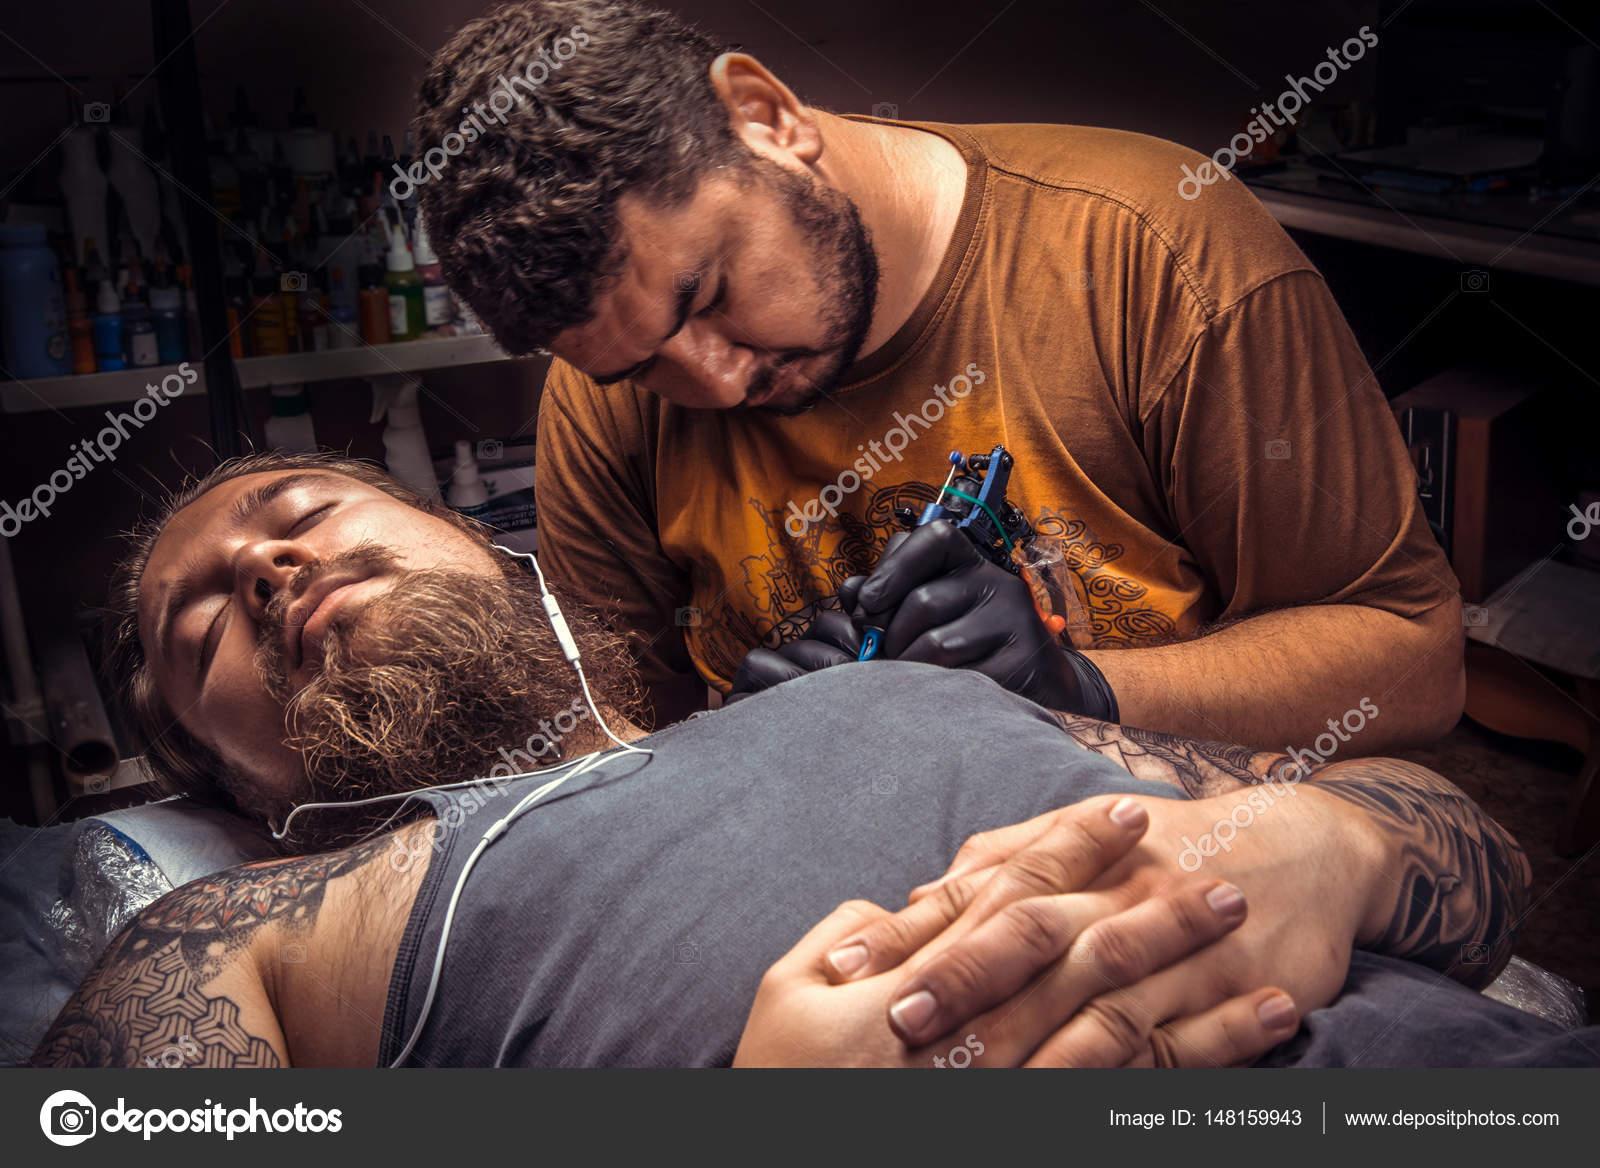 79a3a2f55 Professional tattoo artist making a tattoo in tattoo parlour./Master works  in tattoo studio. — Photo by Mr.Prof